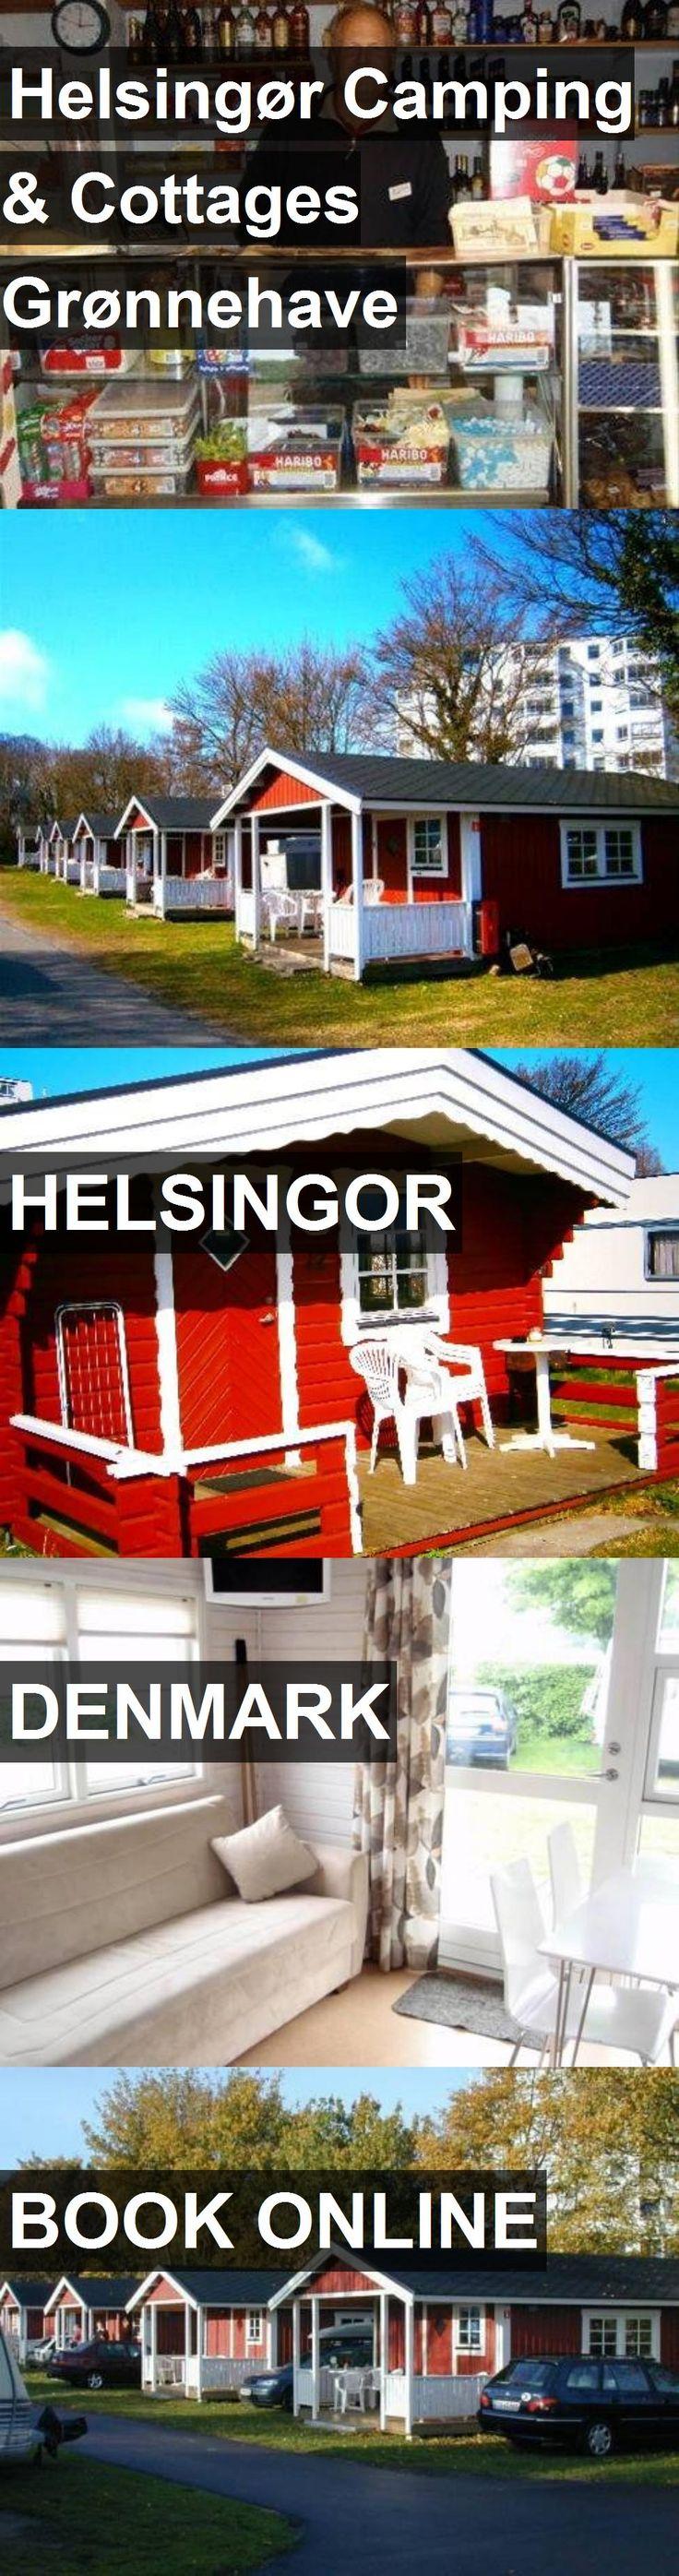 Hotel Helsingør Camping